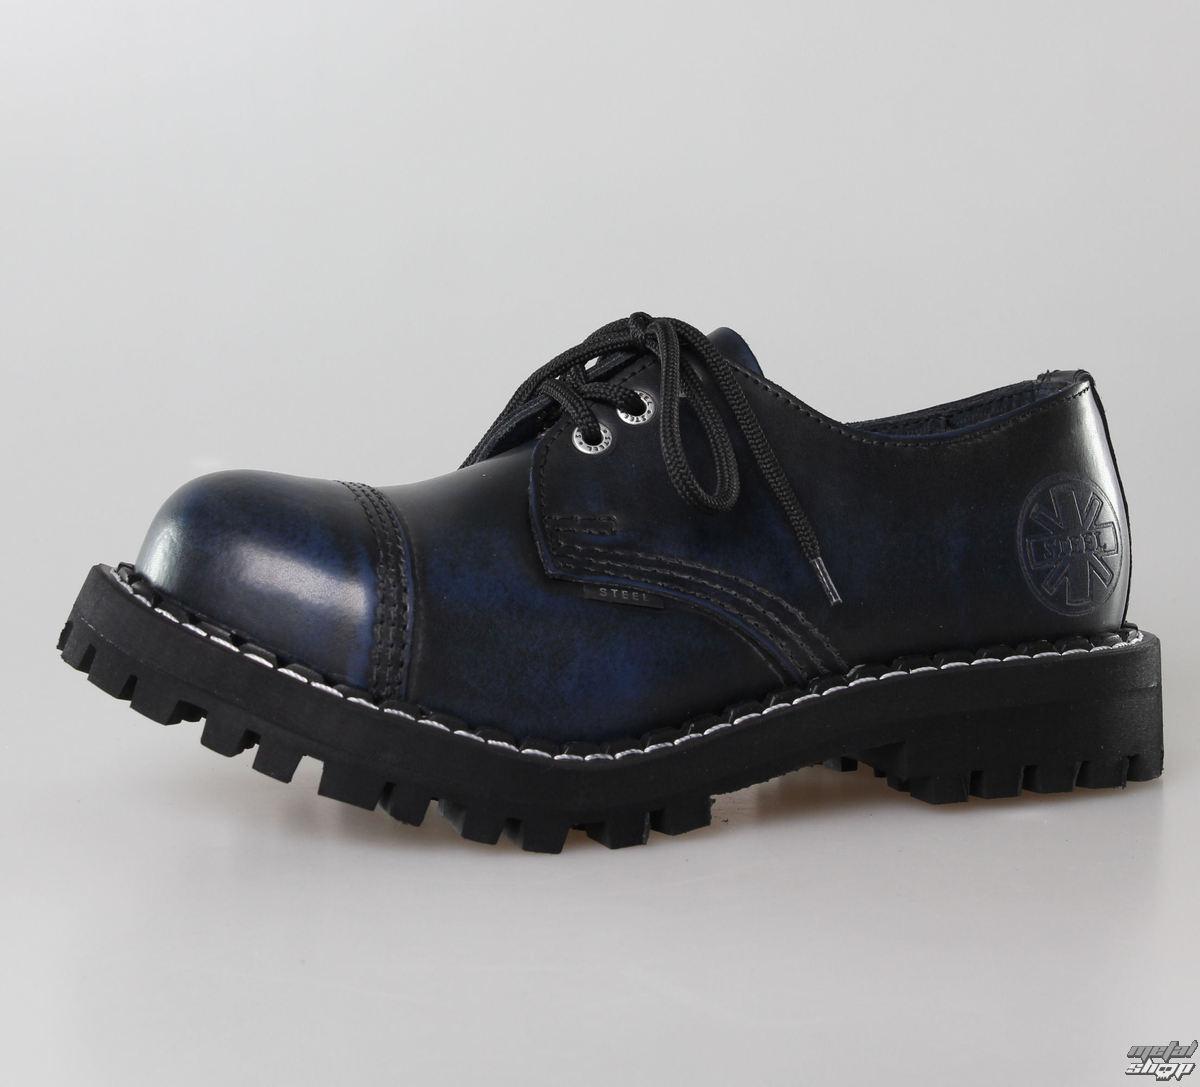 boty STEEL - 3 dírkové modré (101/102 Blue)